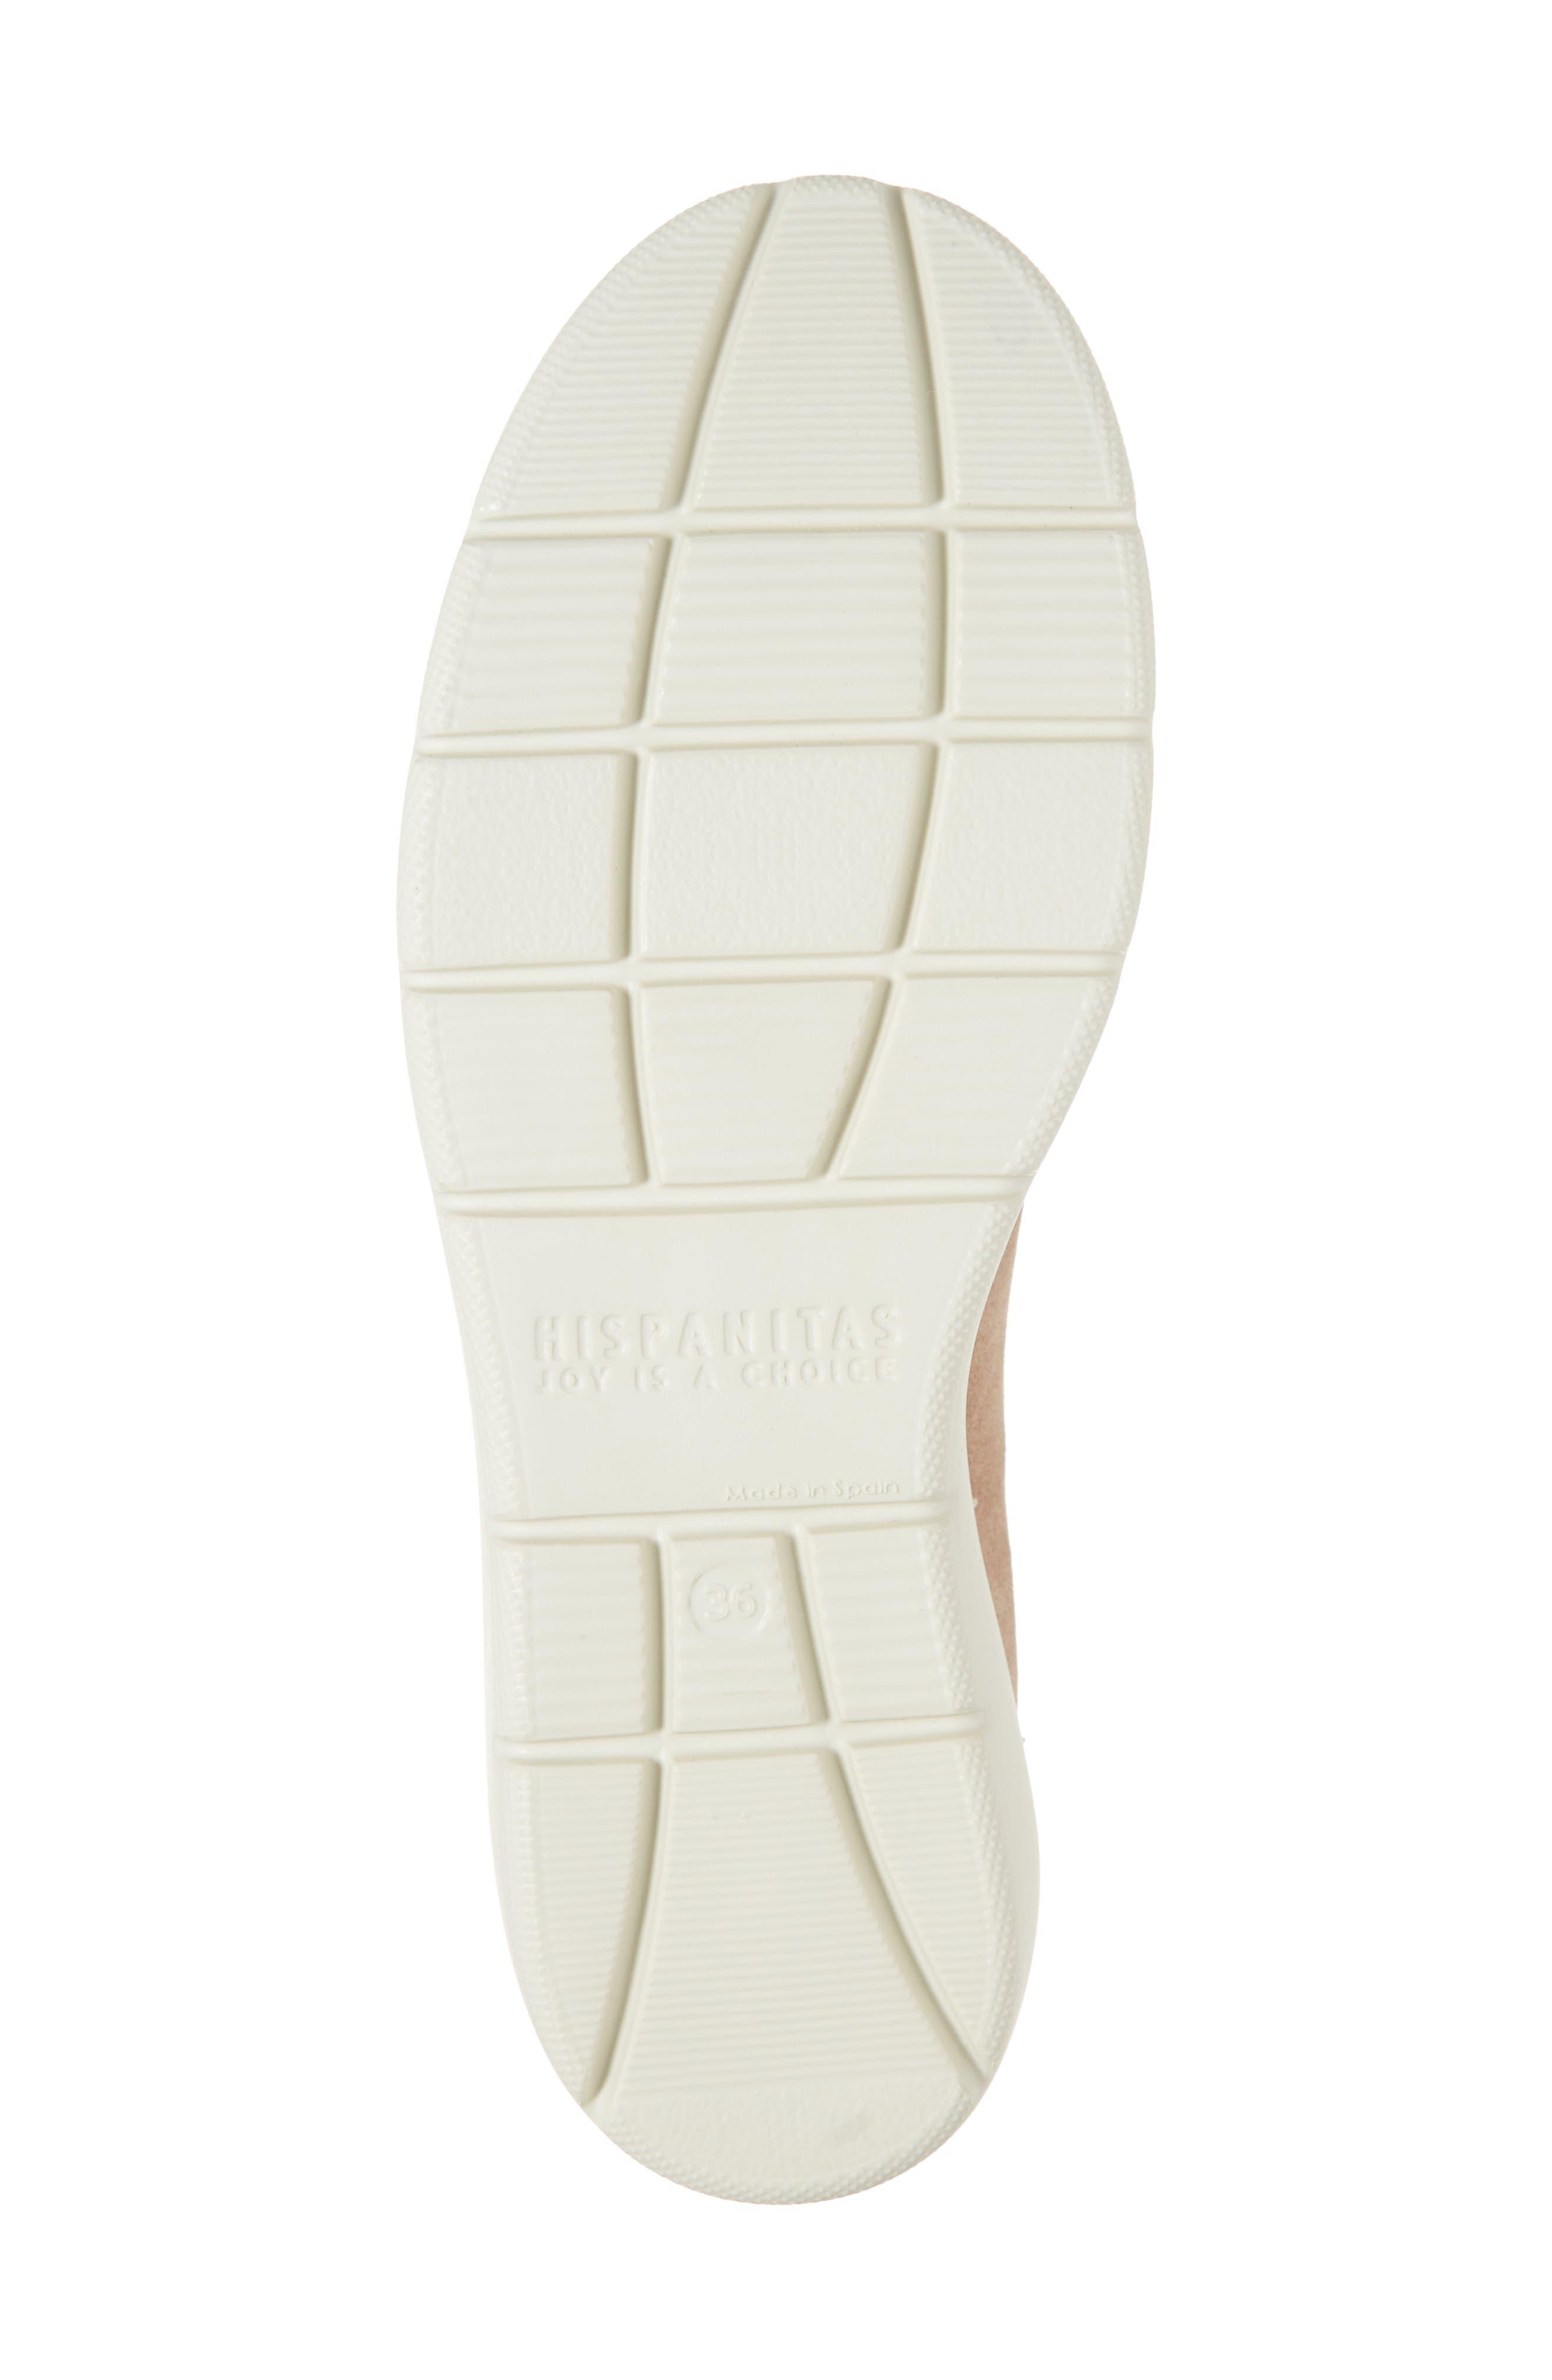 HISPANITAS, Benton Slip-On Wedge Sneaker, Alternate thumbnail 6, color, VELOUR FLESH LEATHER